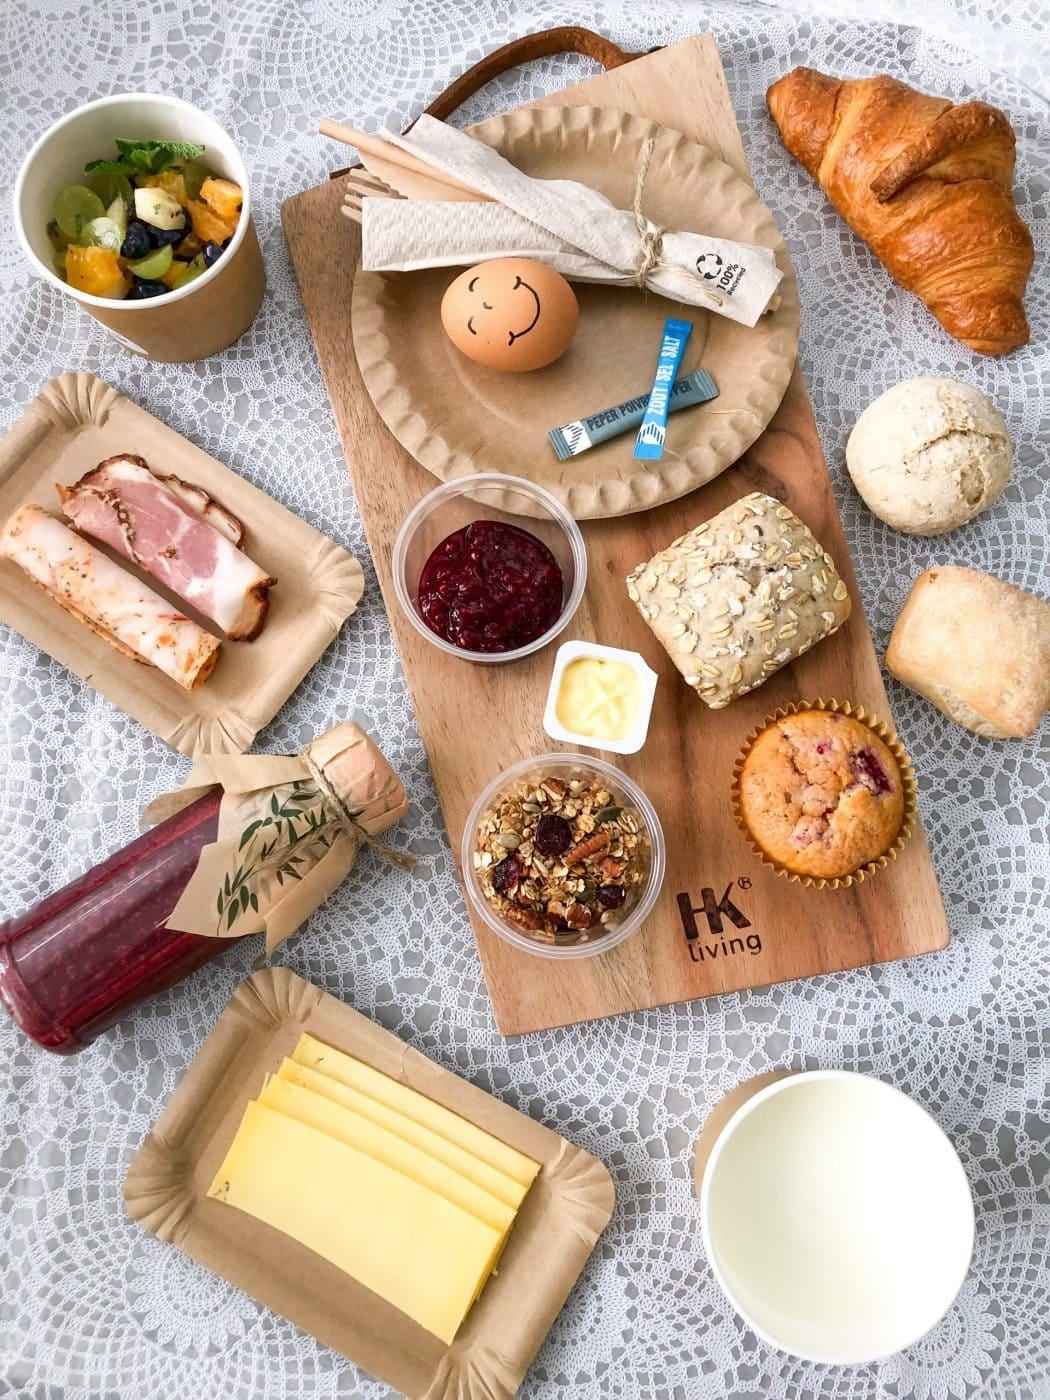 ontbijt | the taste of love